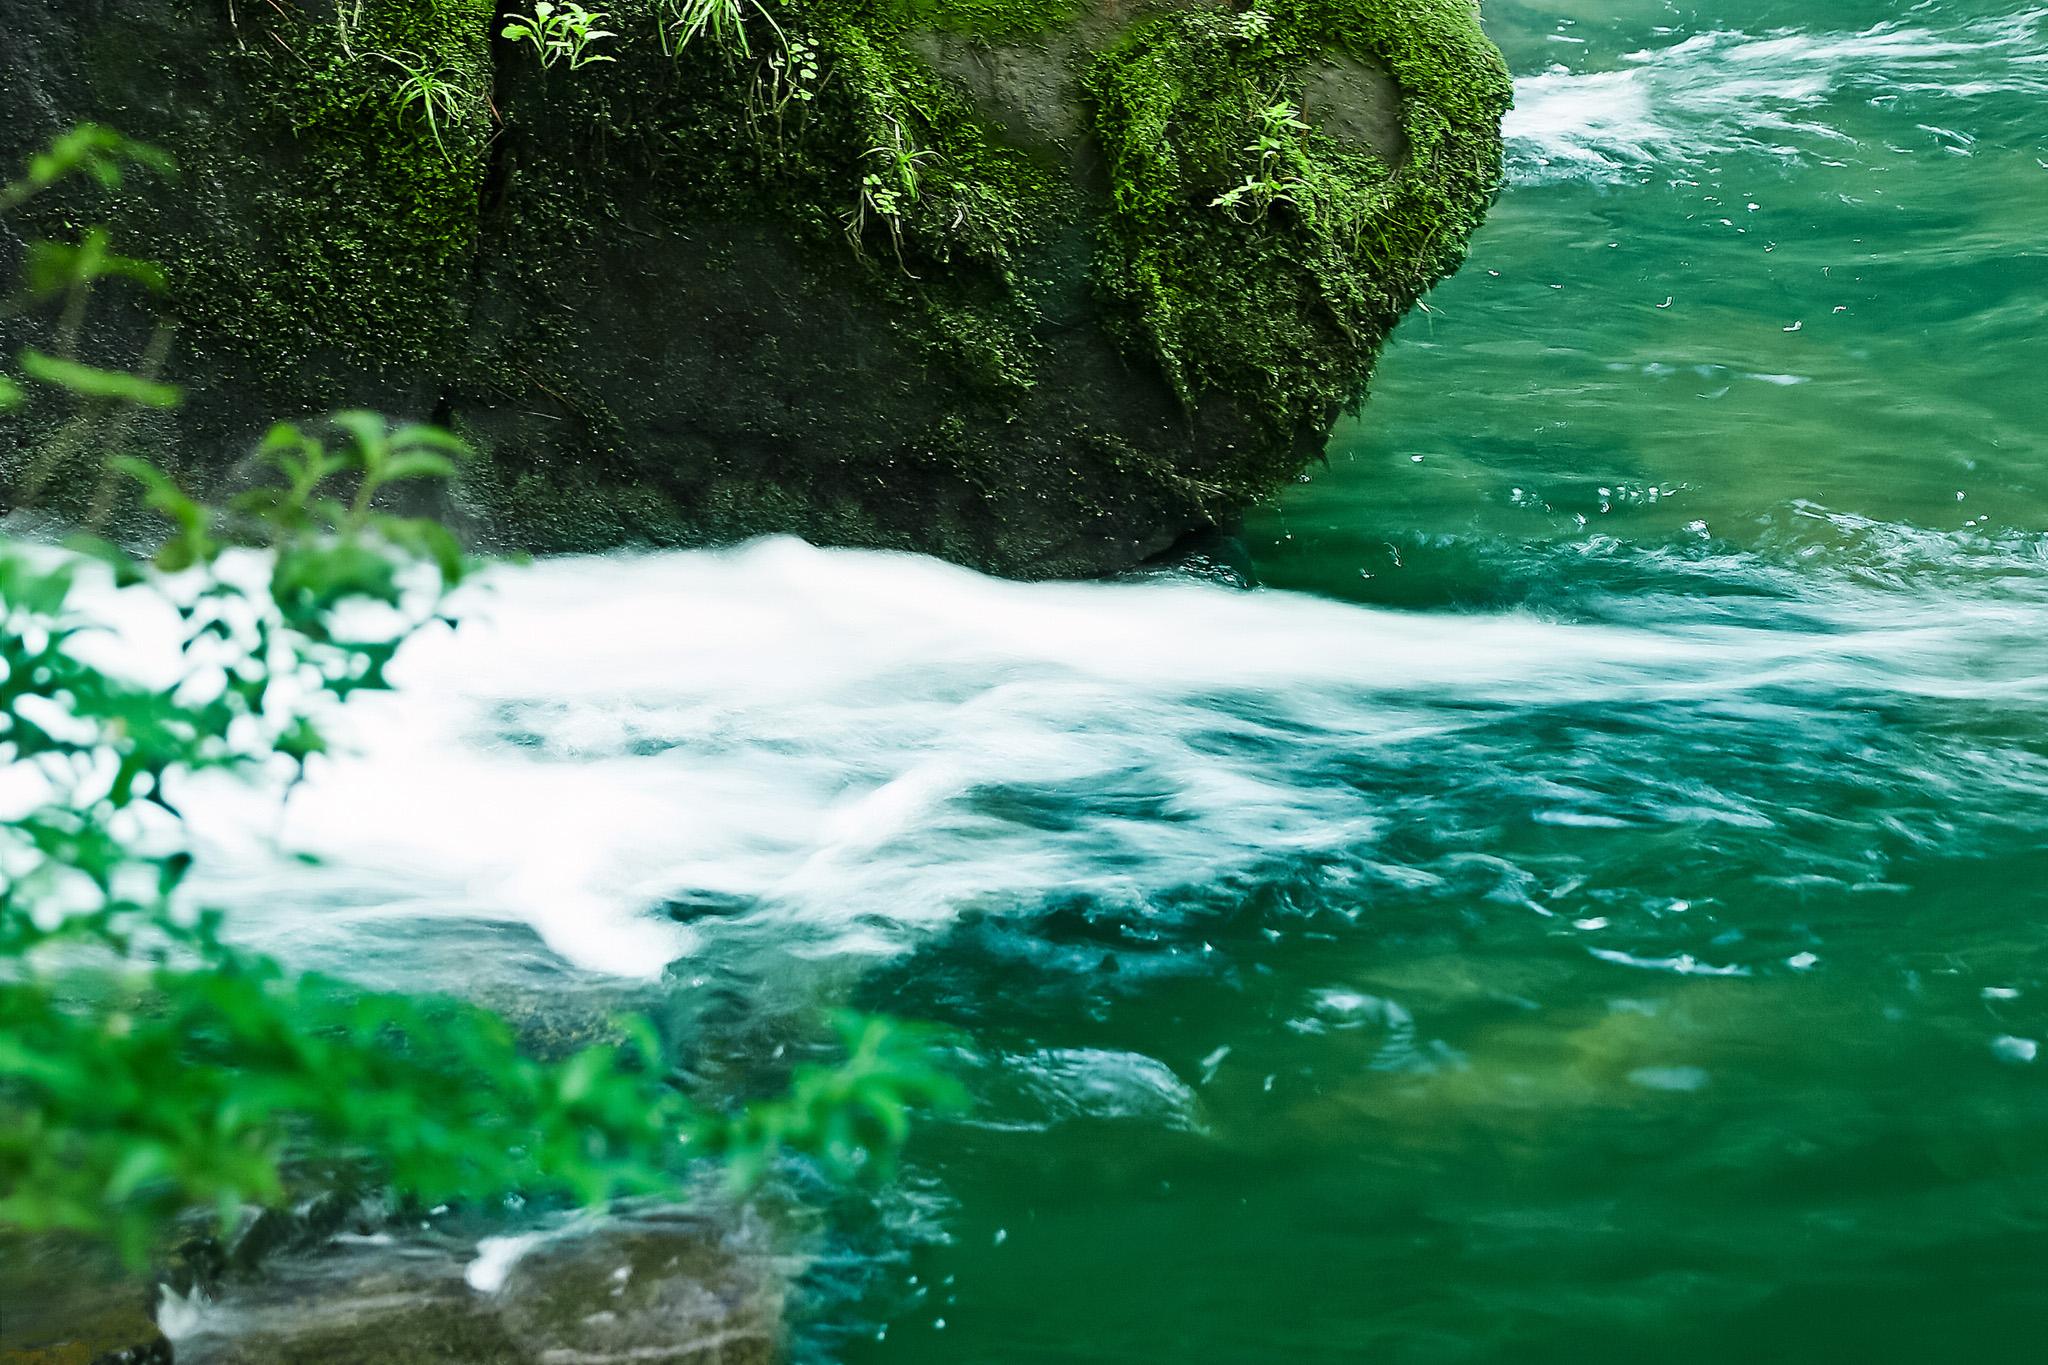 「川縁に緑の葉が揺れる」